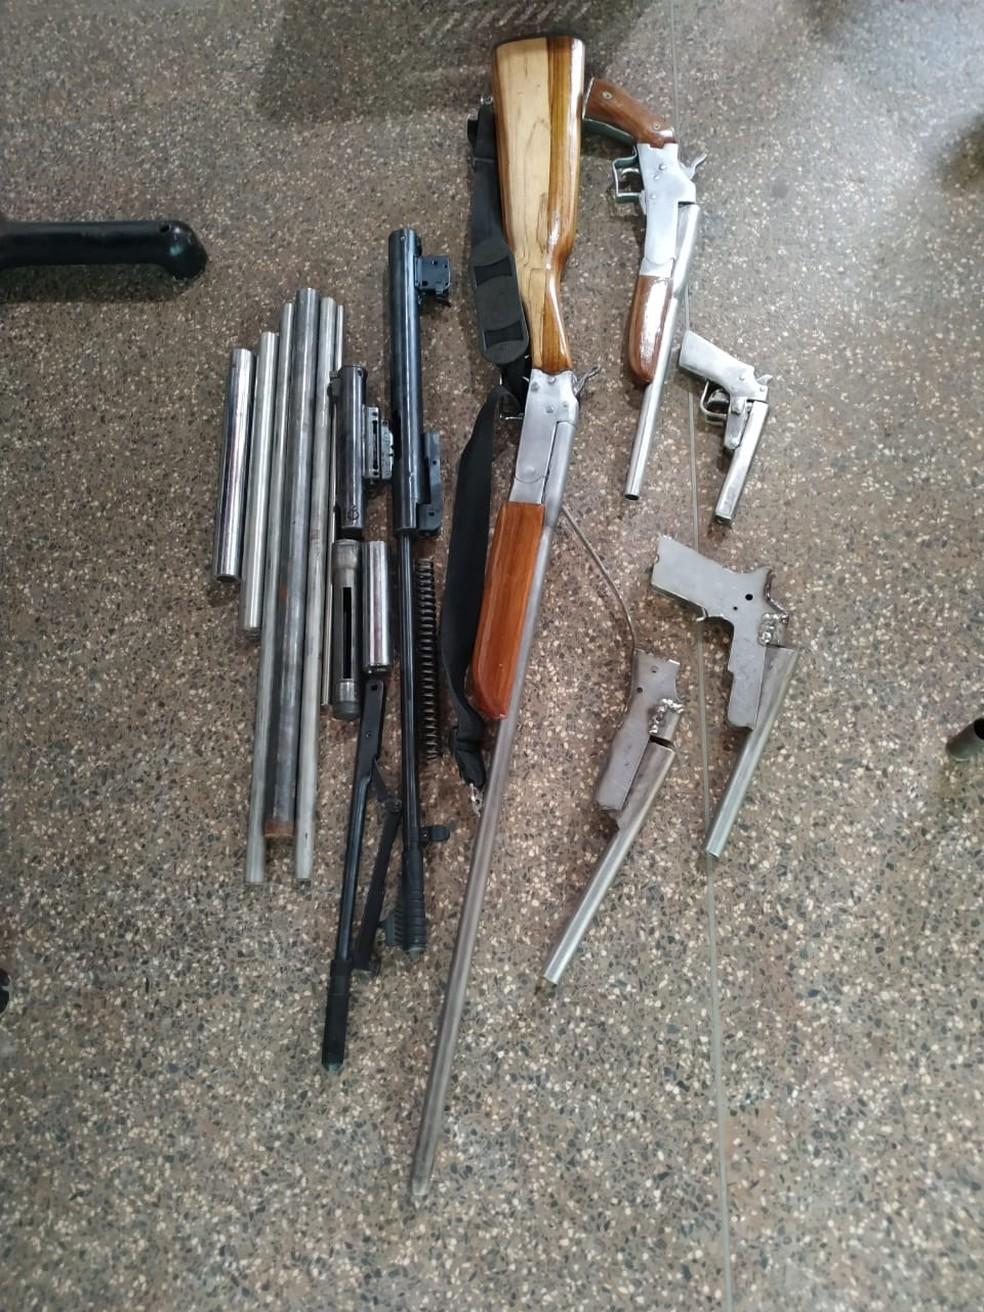 Fábrica de armas 'artesanais' é fechada em Cacoal, RO — Foto: BPA/Divulgação